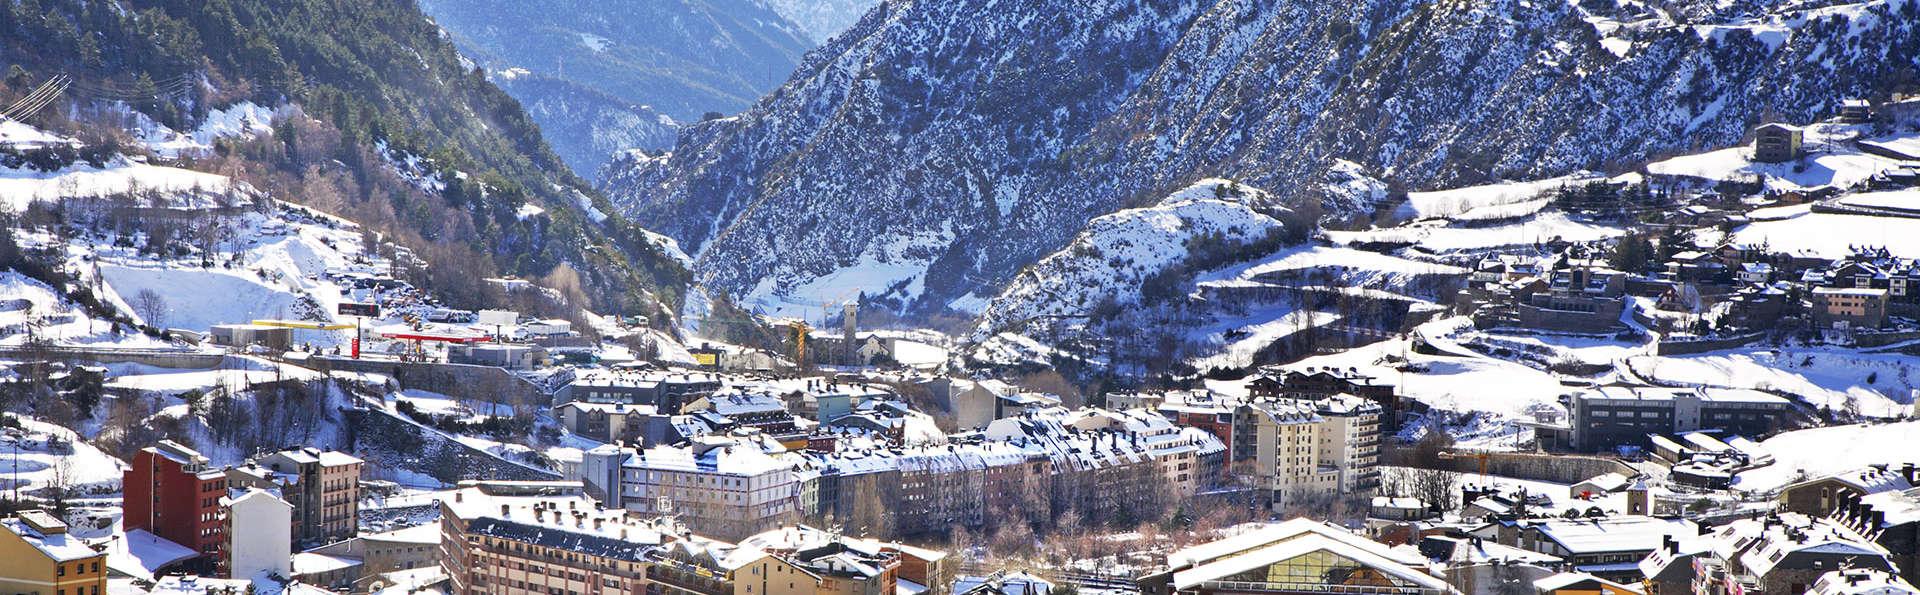 Hotel Himàlaia Soldeu - EDIT_DESTINATION_01.jpg